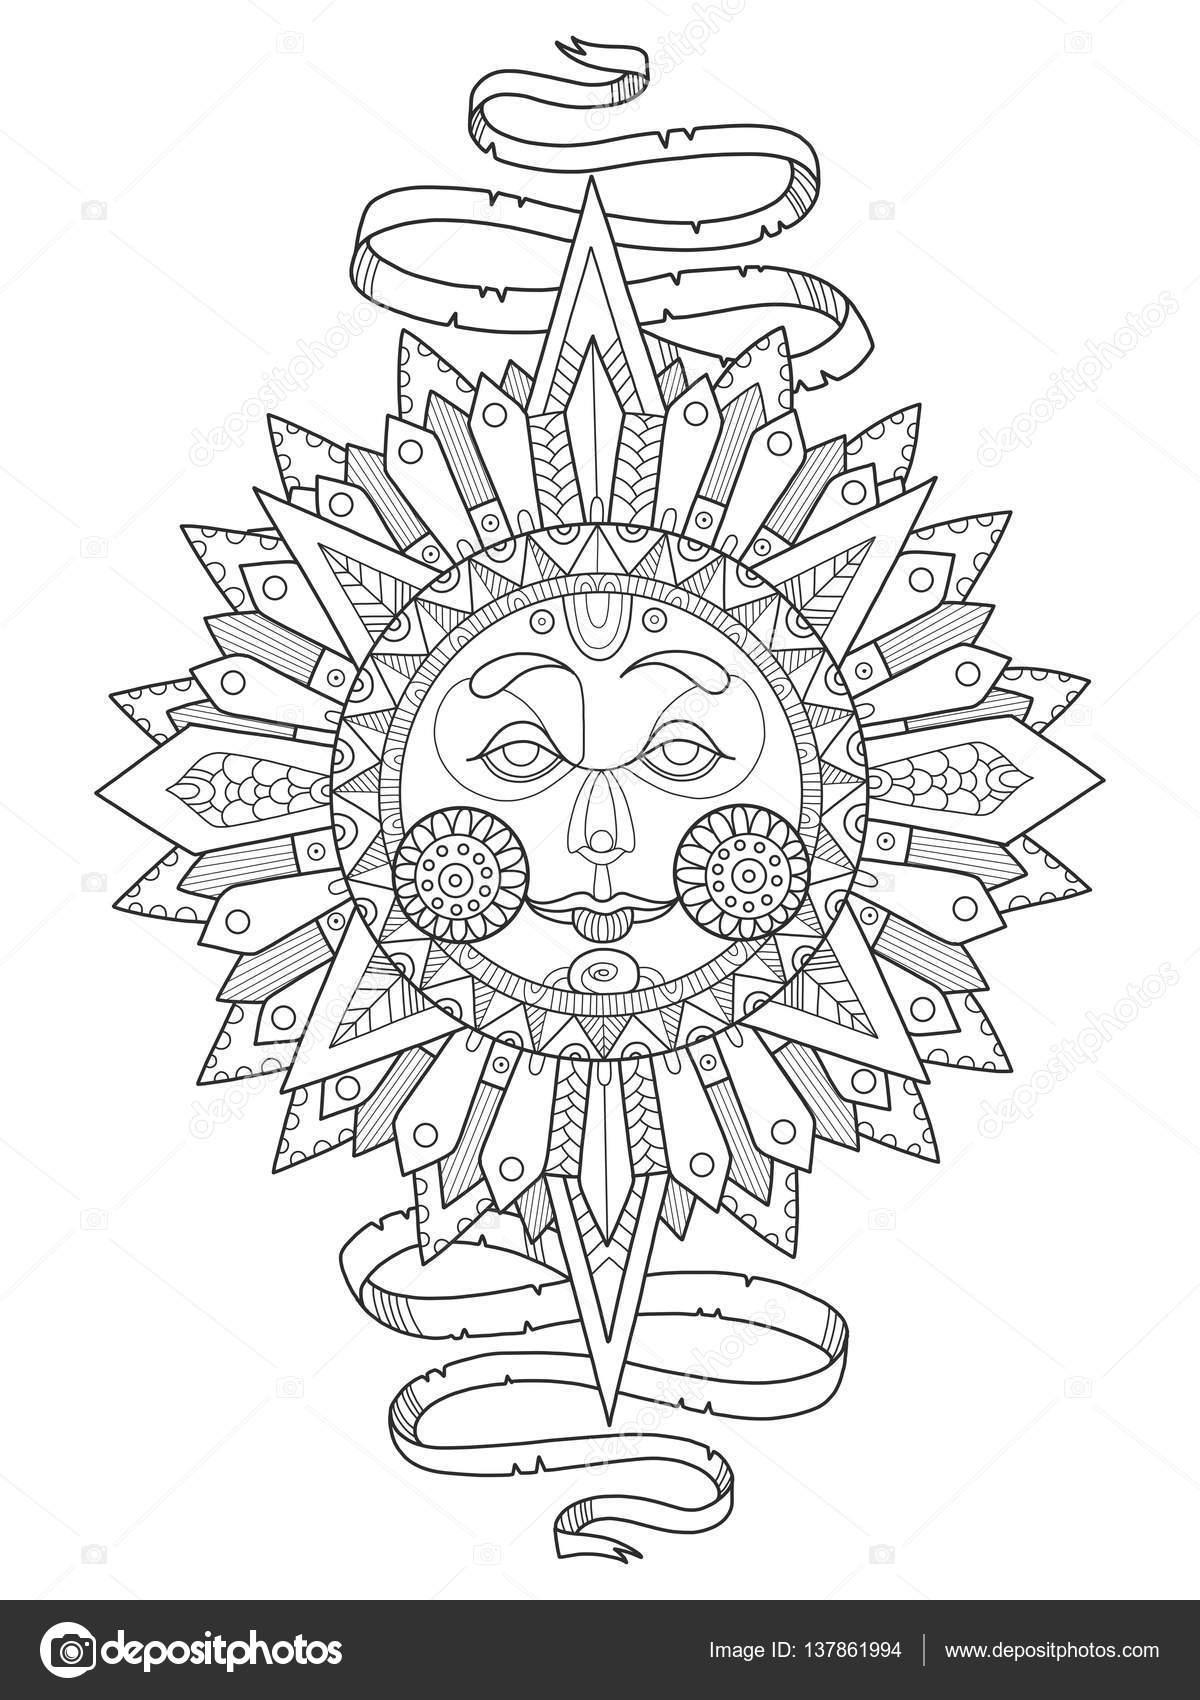 Yüz Boyama Kitabı Ile Güneş Illüstrasyon Vektör Stok Vektör